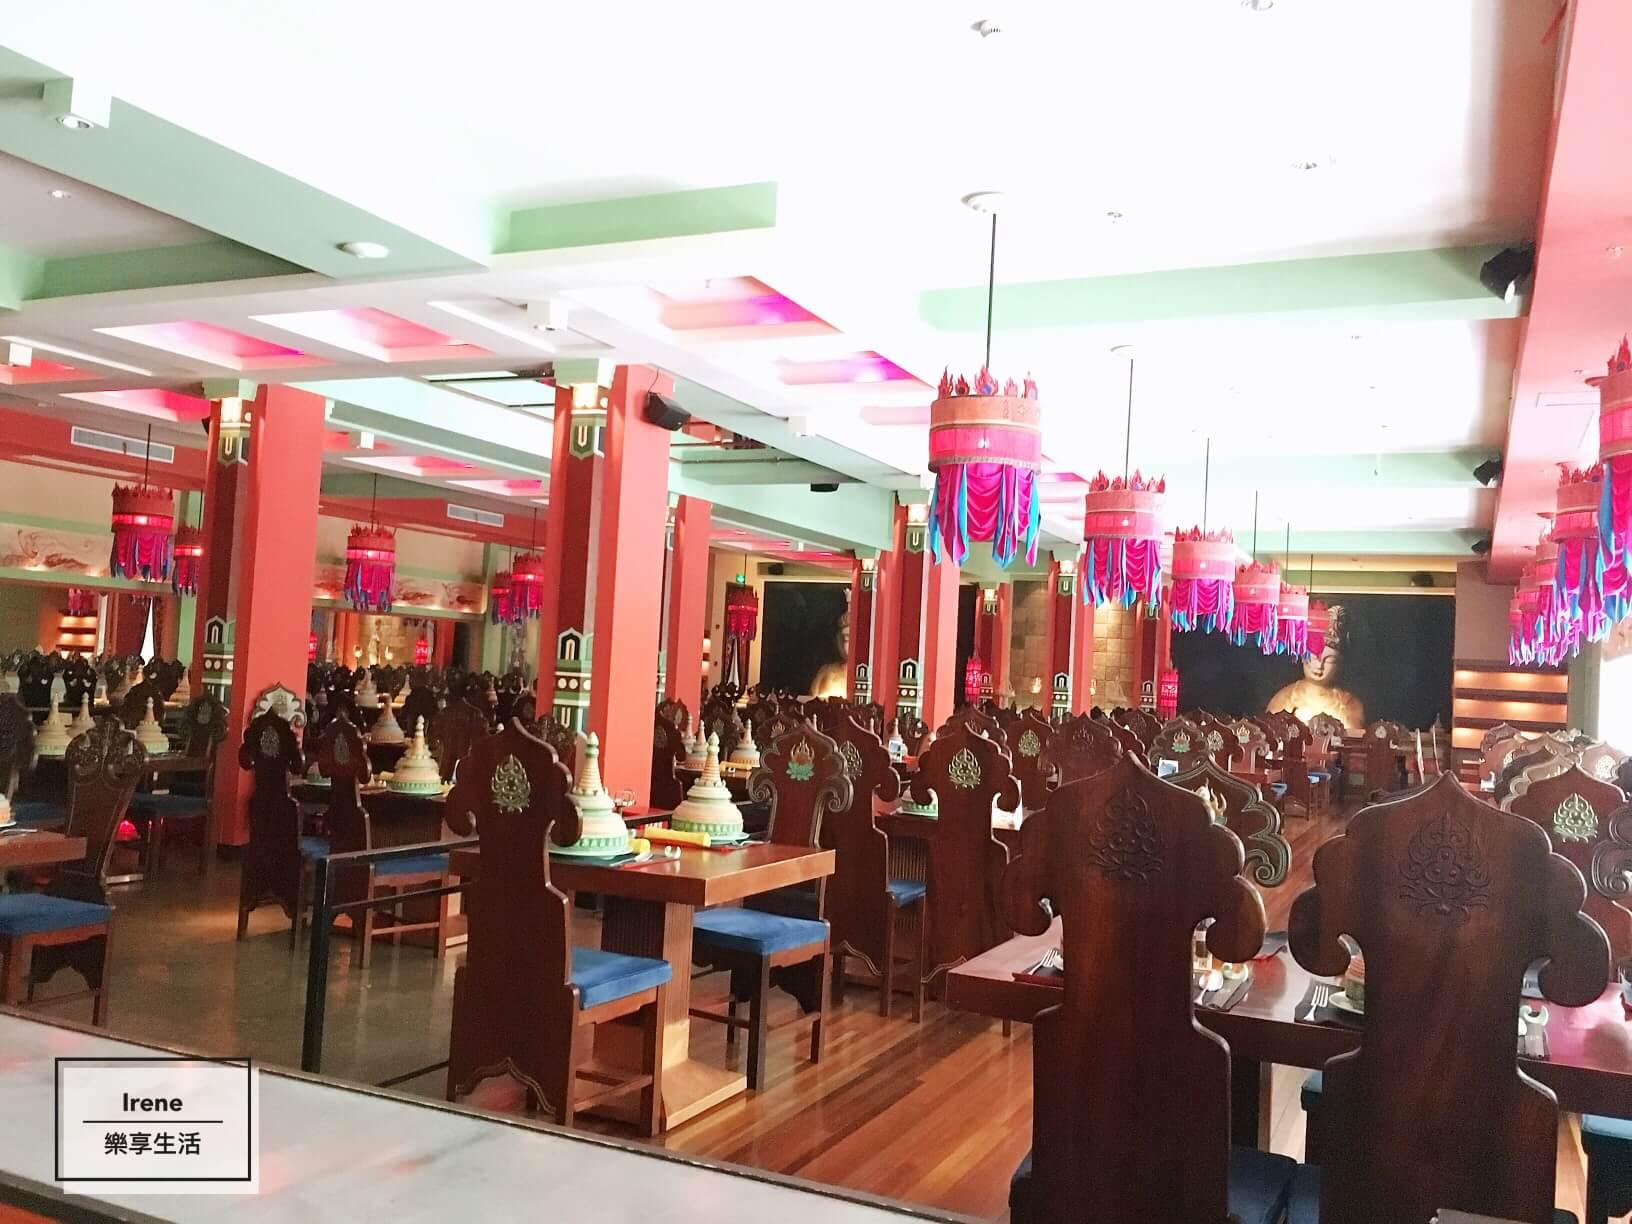 上海美食推薦-上海花馬天堂絲綢之路餐廳(Lost Heaven Silk Road)大堂